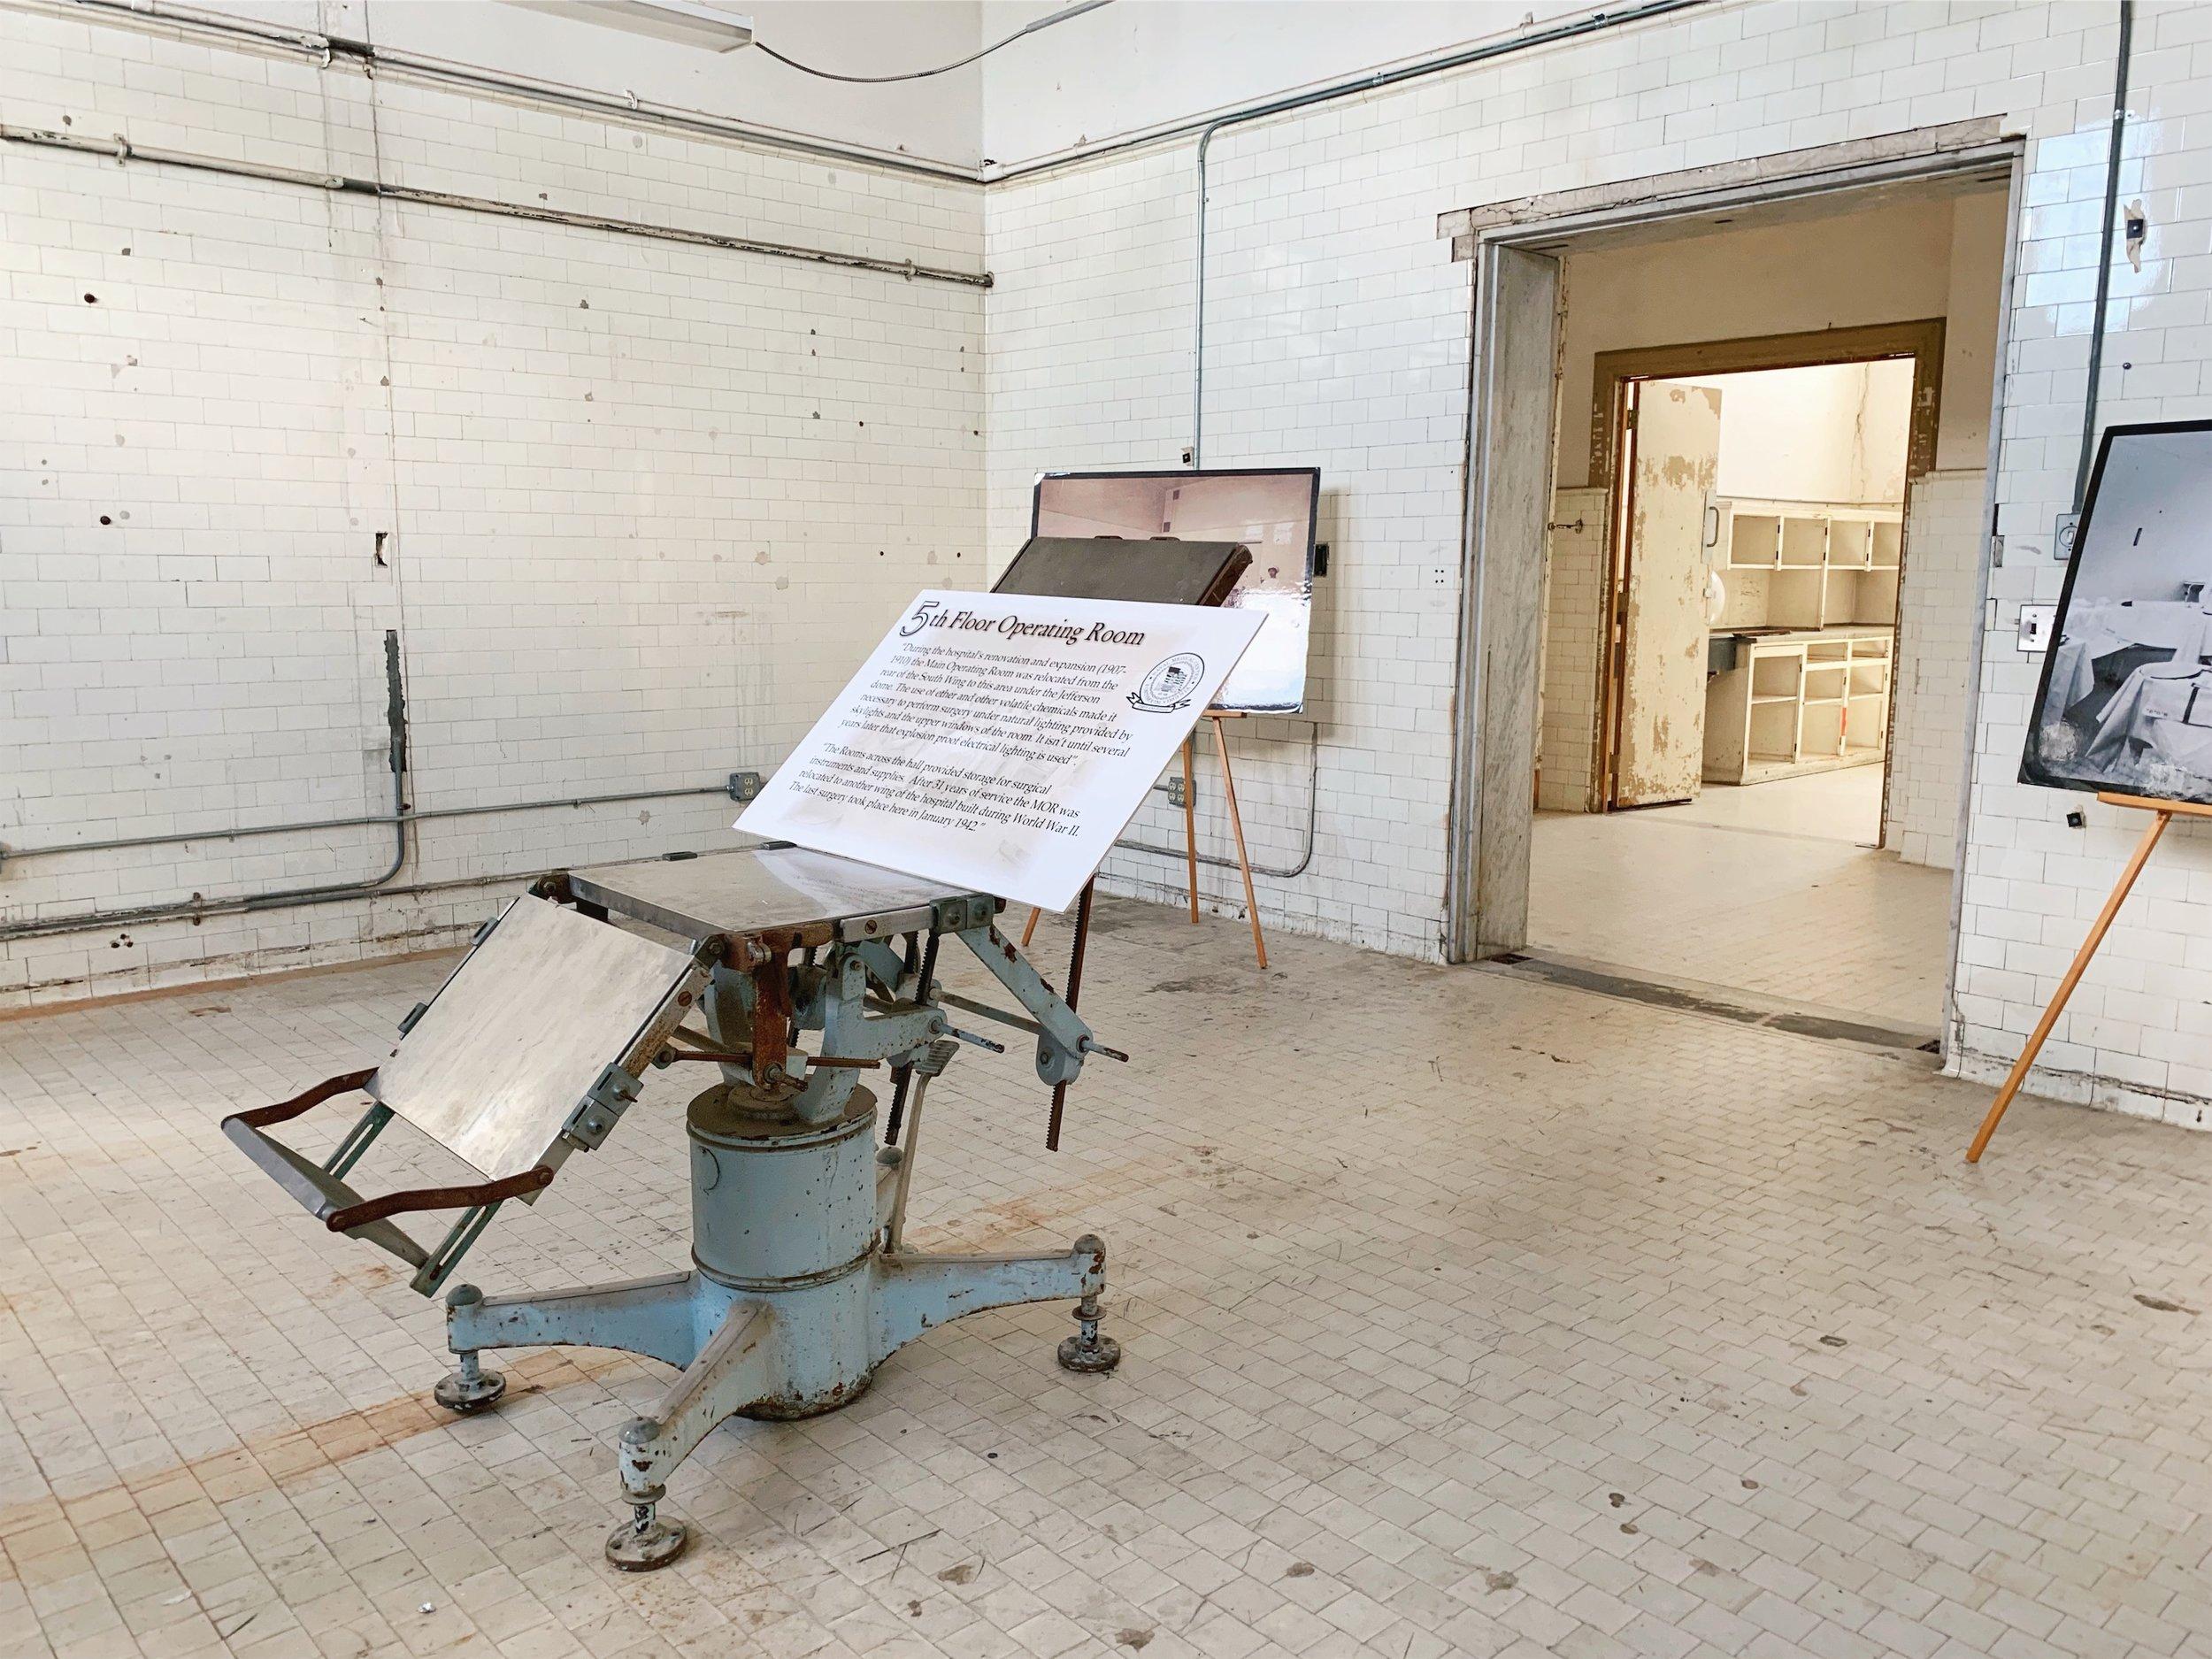 手術室 | Operating Room